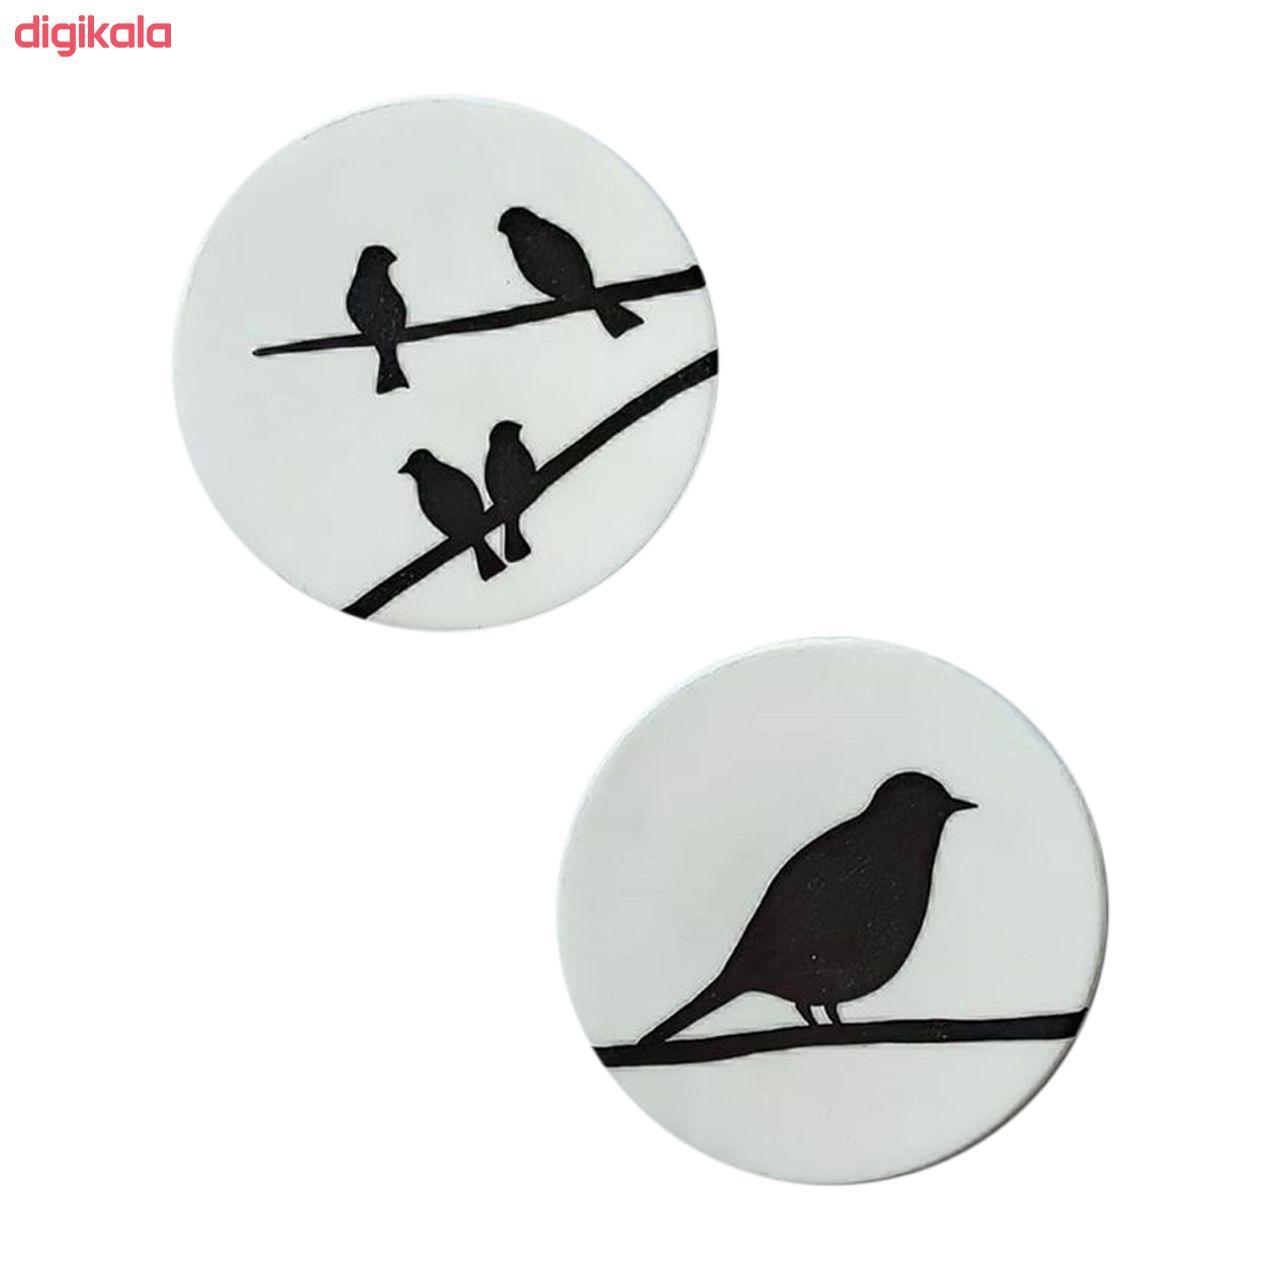 بشقاب دیوارکوب سفالی طرح پرنده کد D99-A مجموعه 6 عددی main 1 2